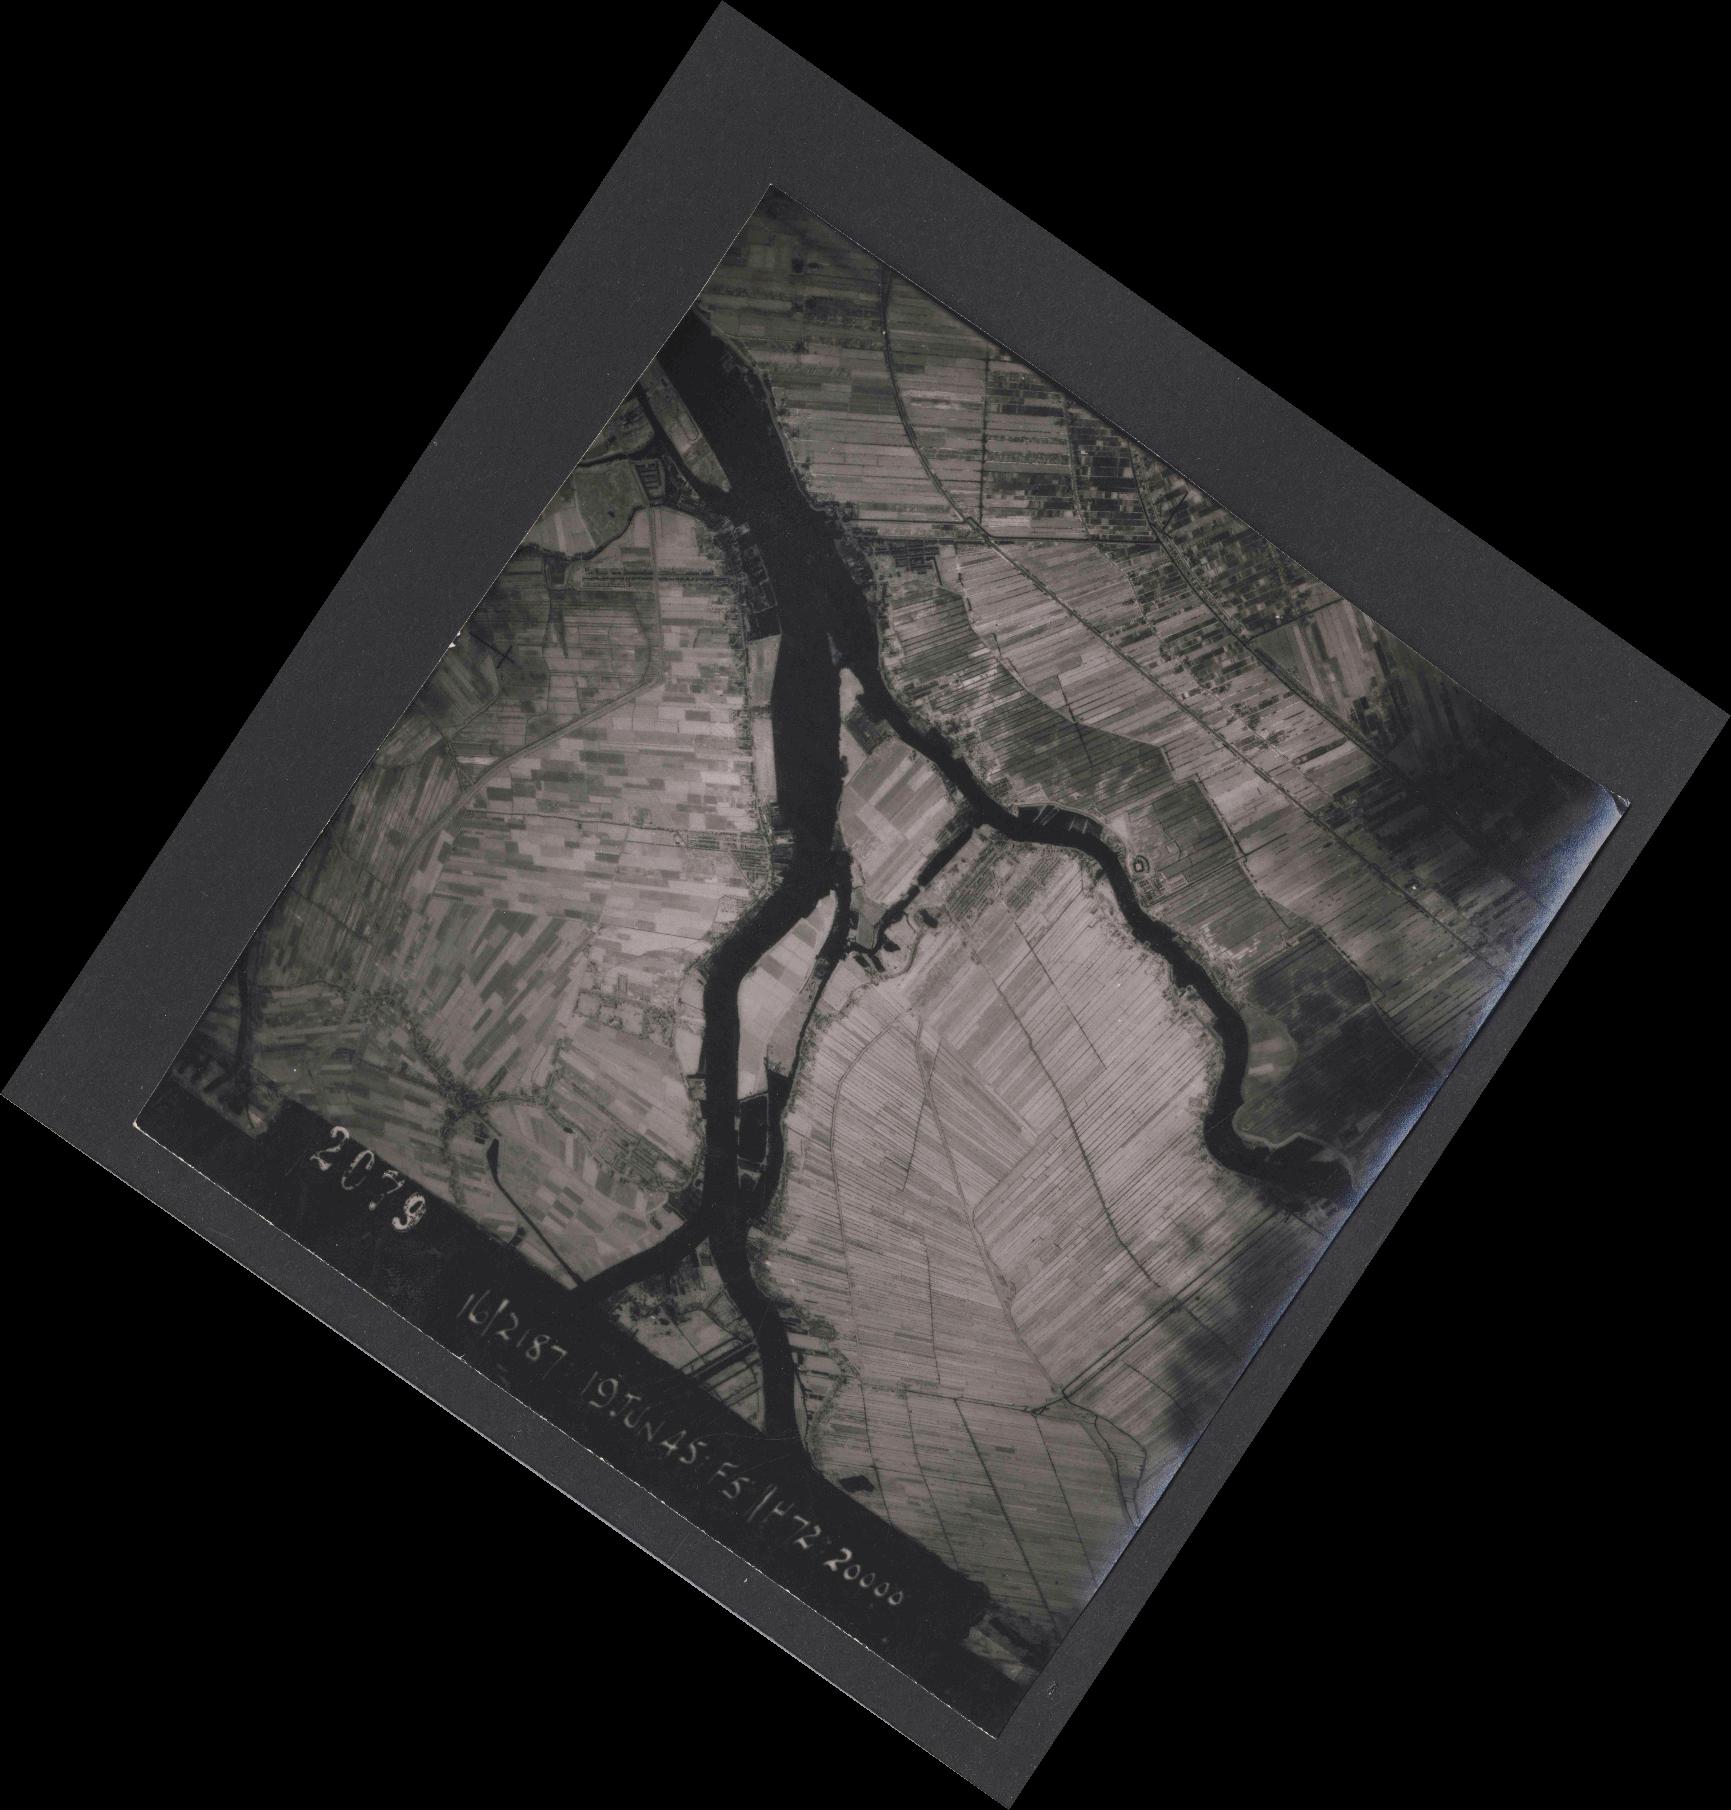 Collection RAF aerial photos 1940-1945 - flight 551, run 02, photo 2079